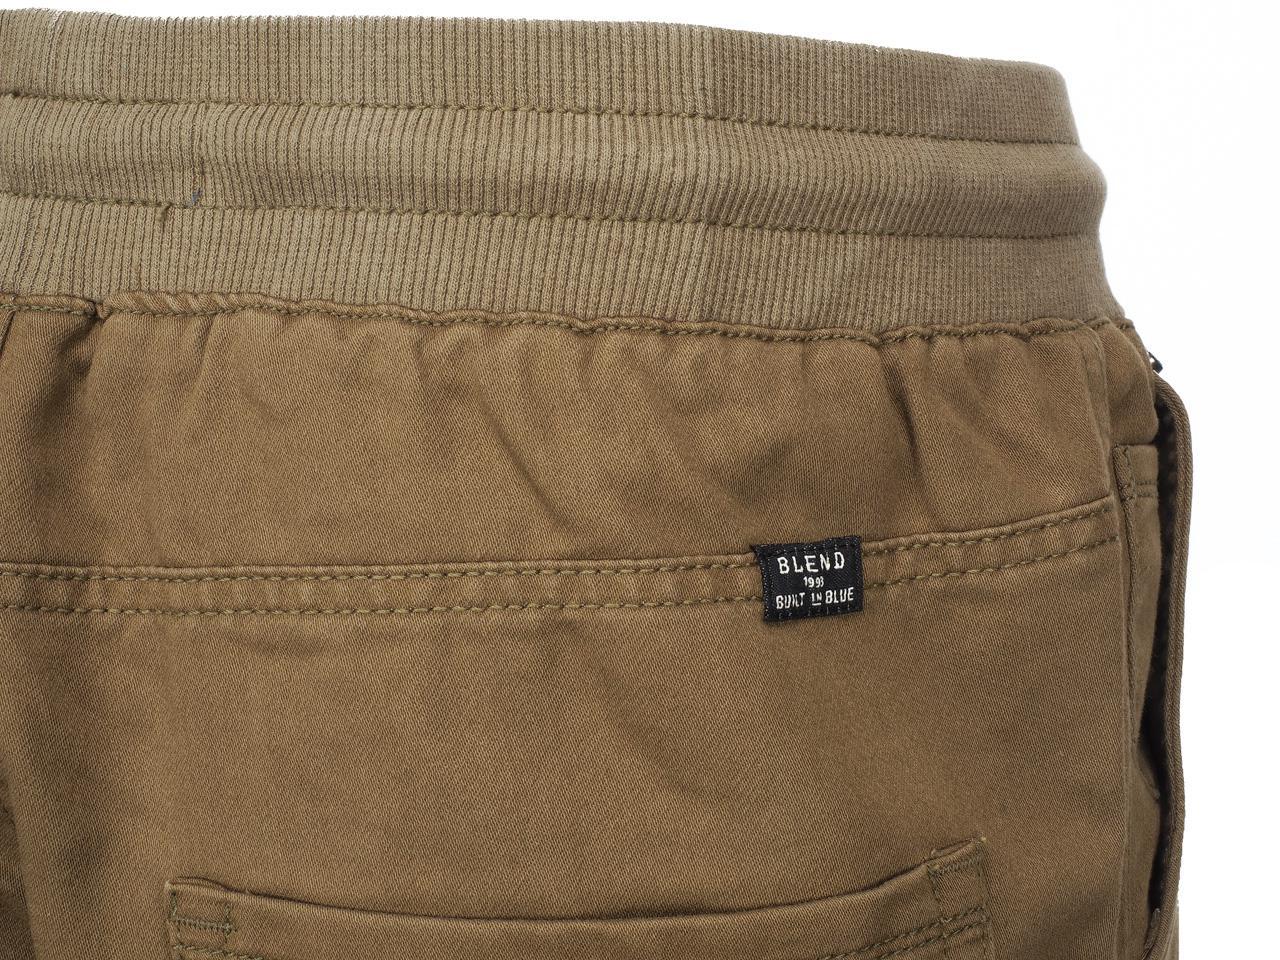 Hose-Jeans-Blend-Jogg-Jeans-32-Burnt-Olive-Brown-59093-Neu Indexbild 4